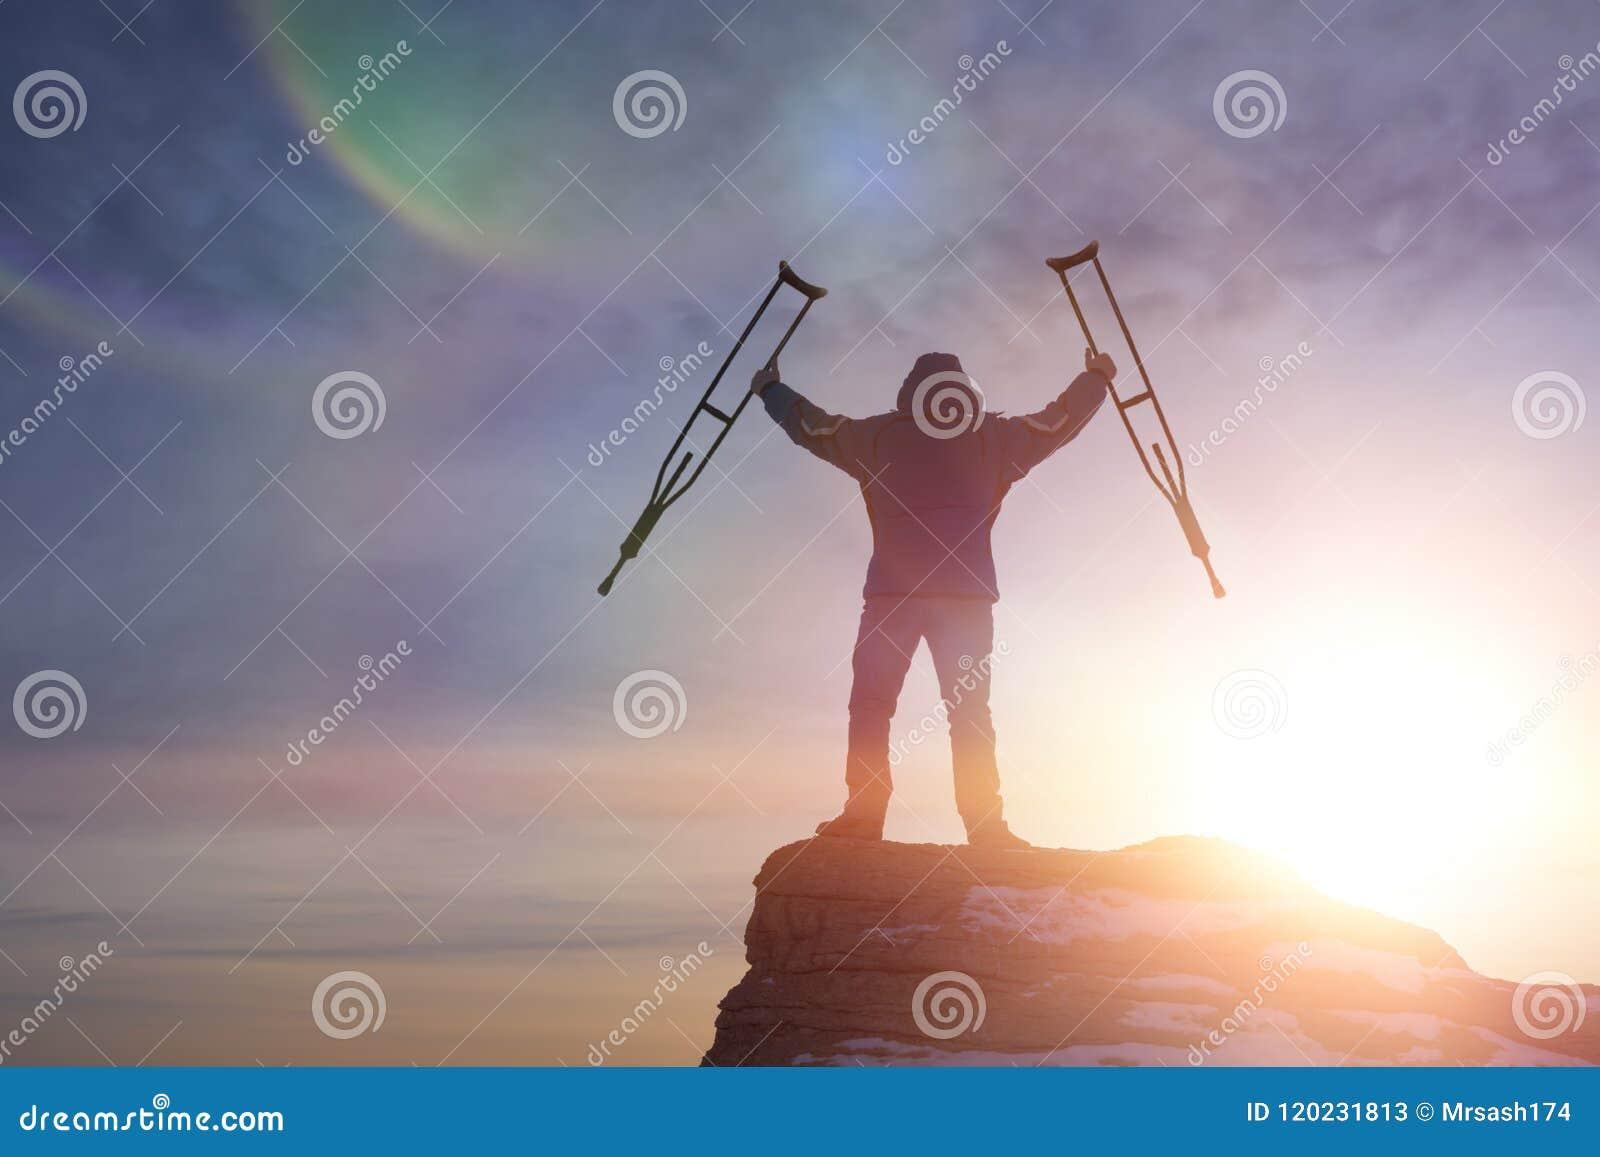 En lycklig man överst av ett berg med kryckor och att lyfta upp hans händer, mitt emot en dramatisk himmel på gryning